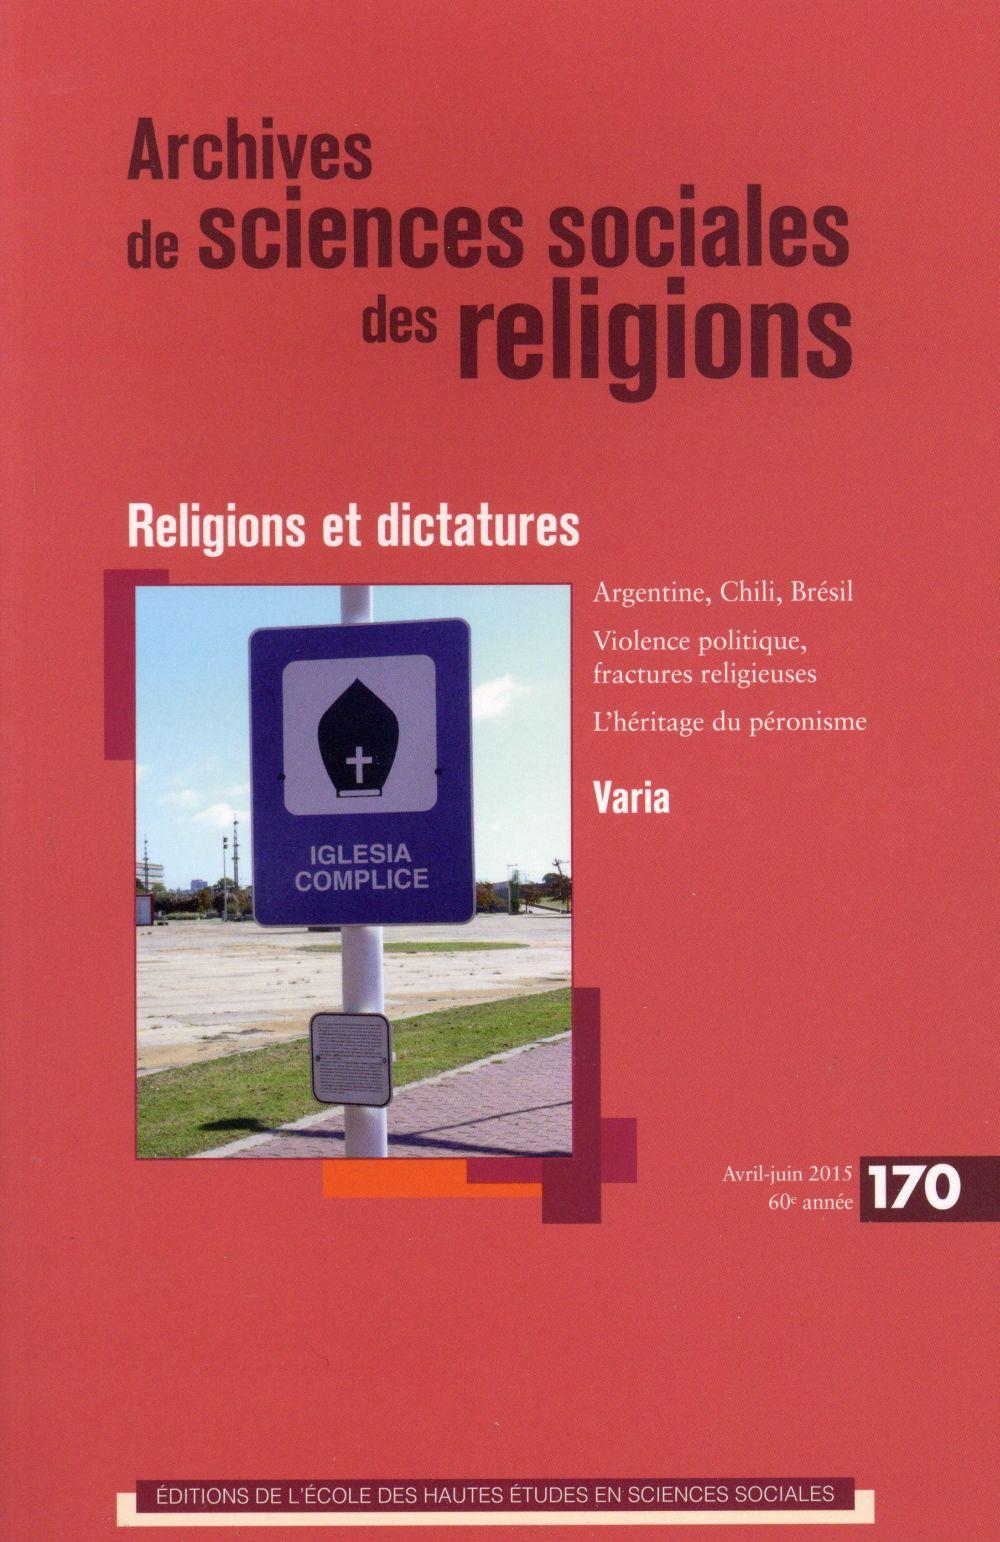 ARCHIVES DE SCIENCES SOCIALES DES RELIGIONS 170